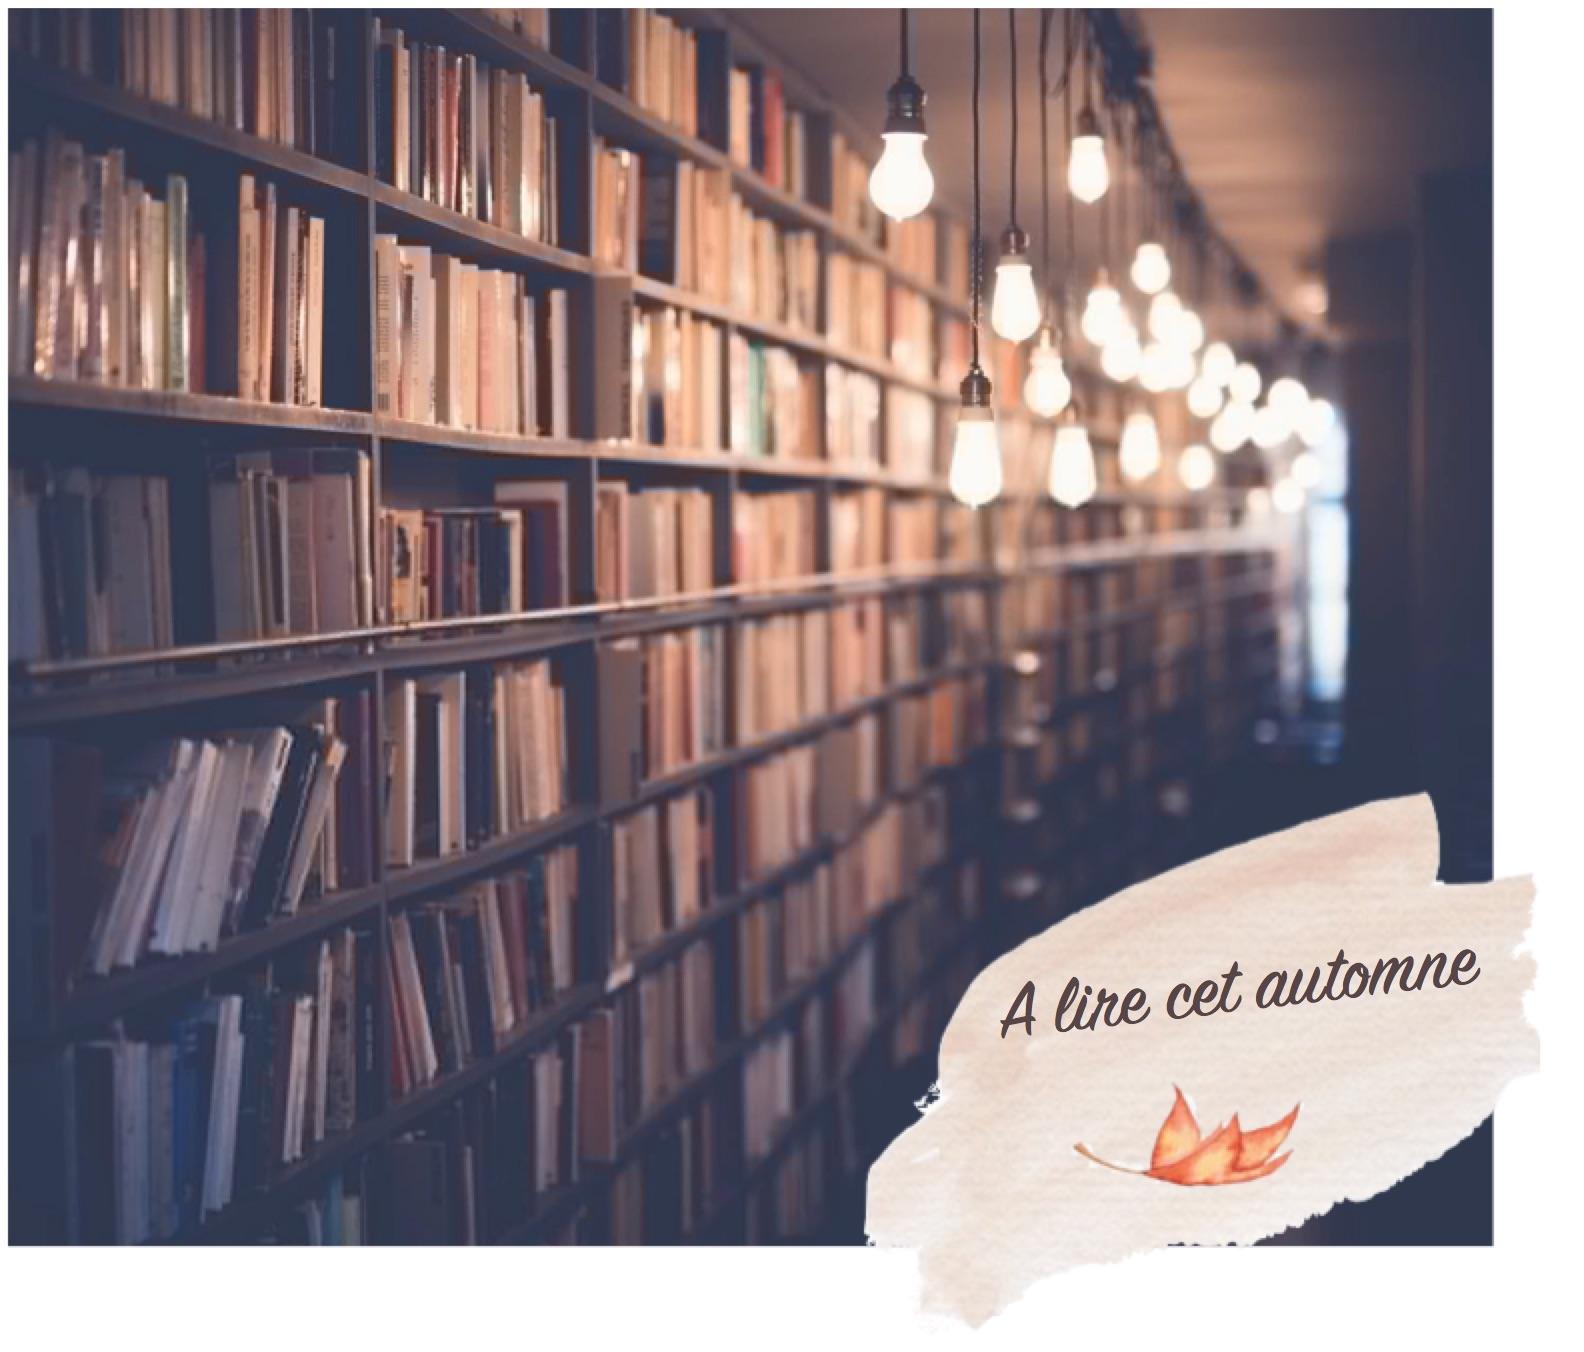 Les livres à lire cet automne